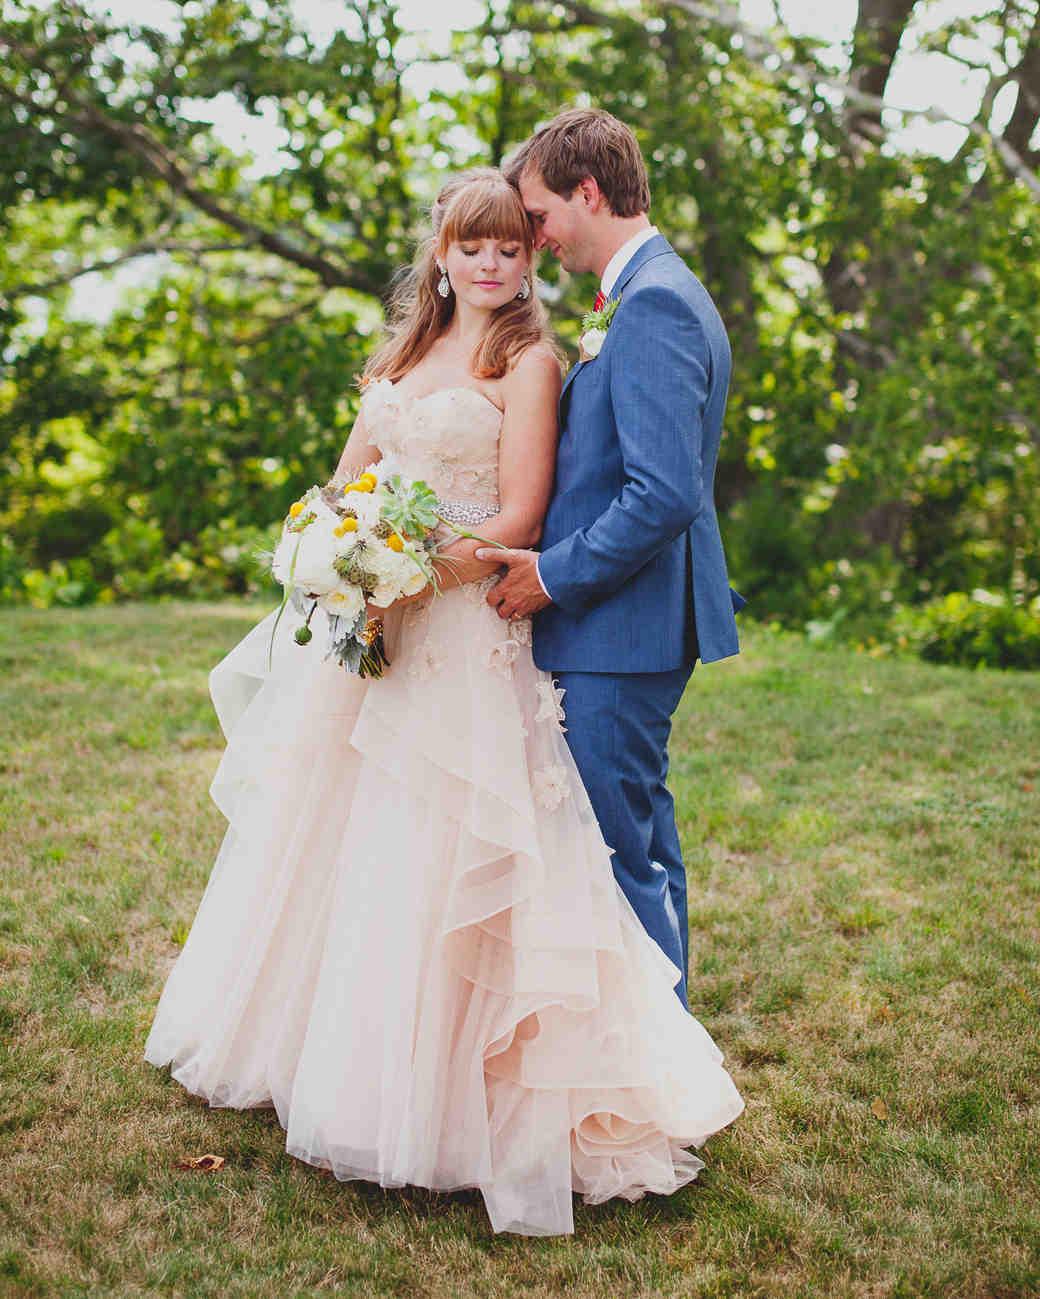 16 Pretty-in-Pink Wedding Dresses - Martha Stewart Weddings